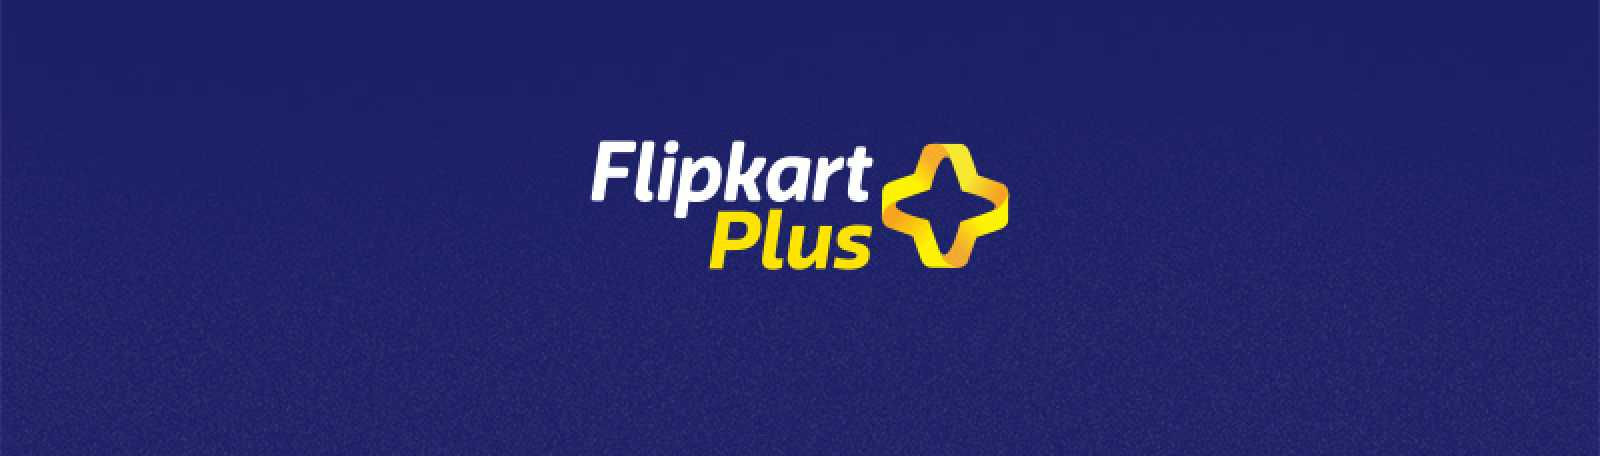 c3d7fc5b01e Flipkart Plus – The Ultimate Rewards Program for Flipkart Customers